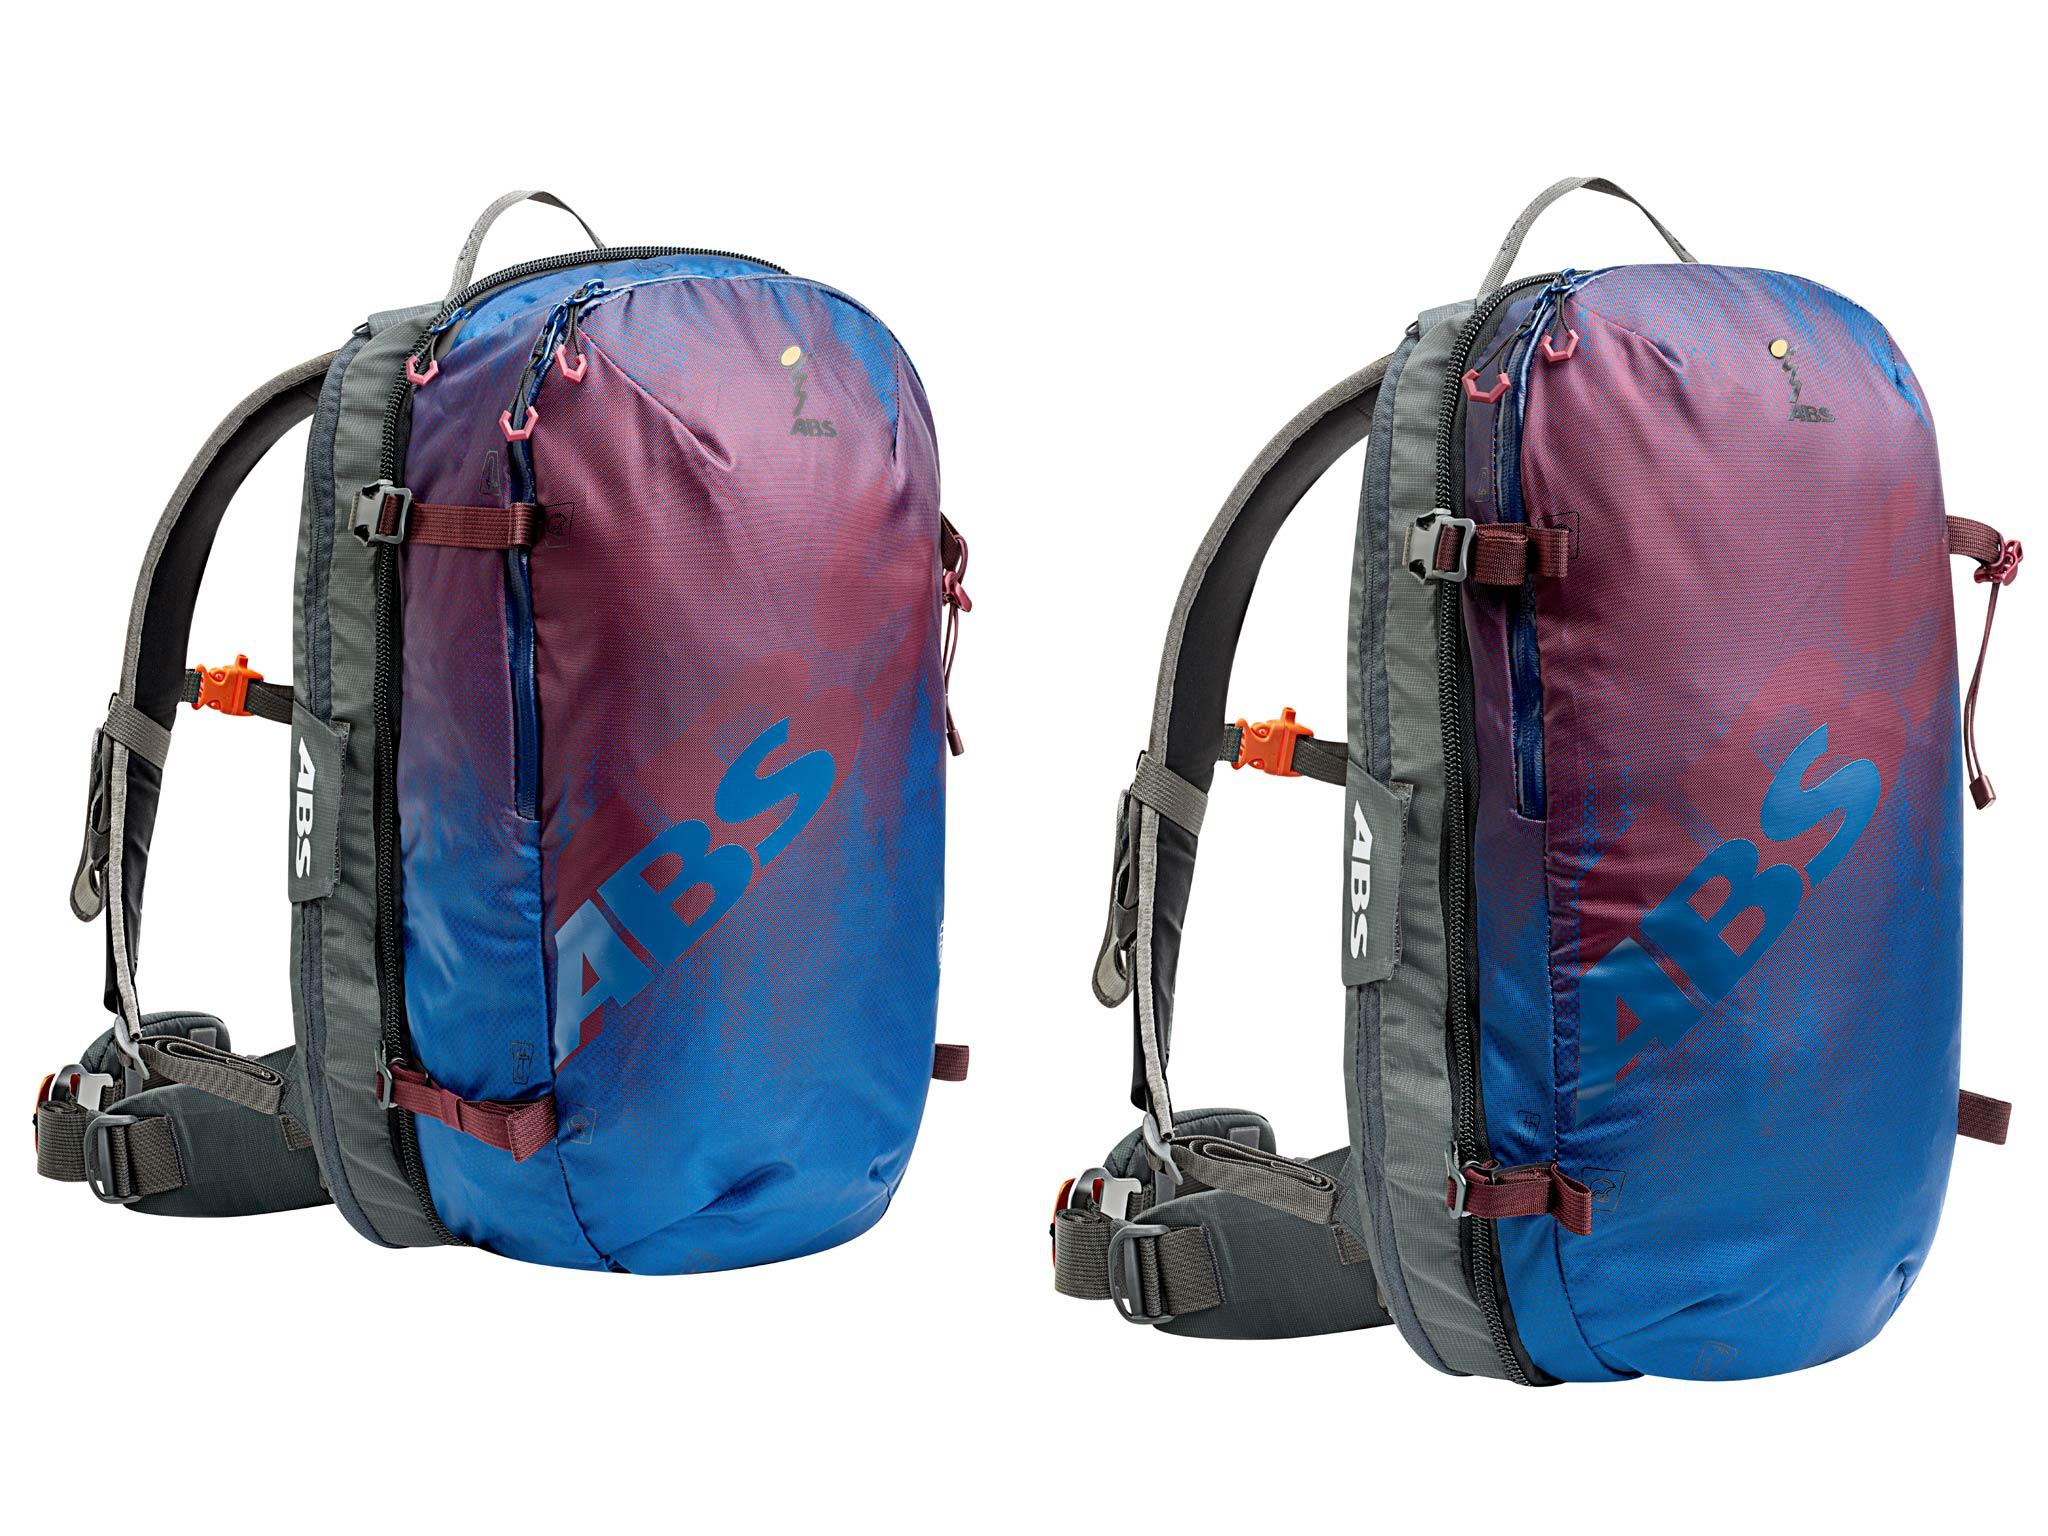 Der neue ABS ZipOn in der Farbe DAWN (Weinrot und Blau) - links die 30L und rechts die 15L Version